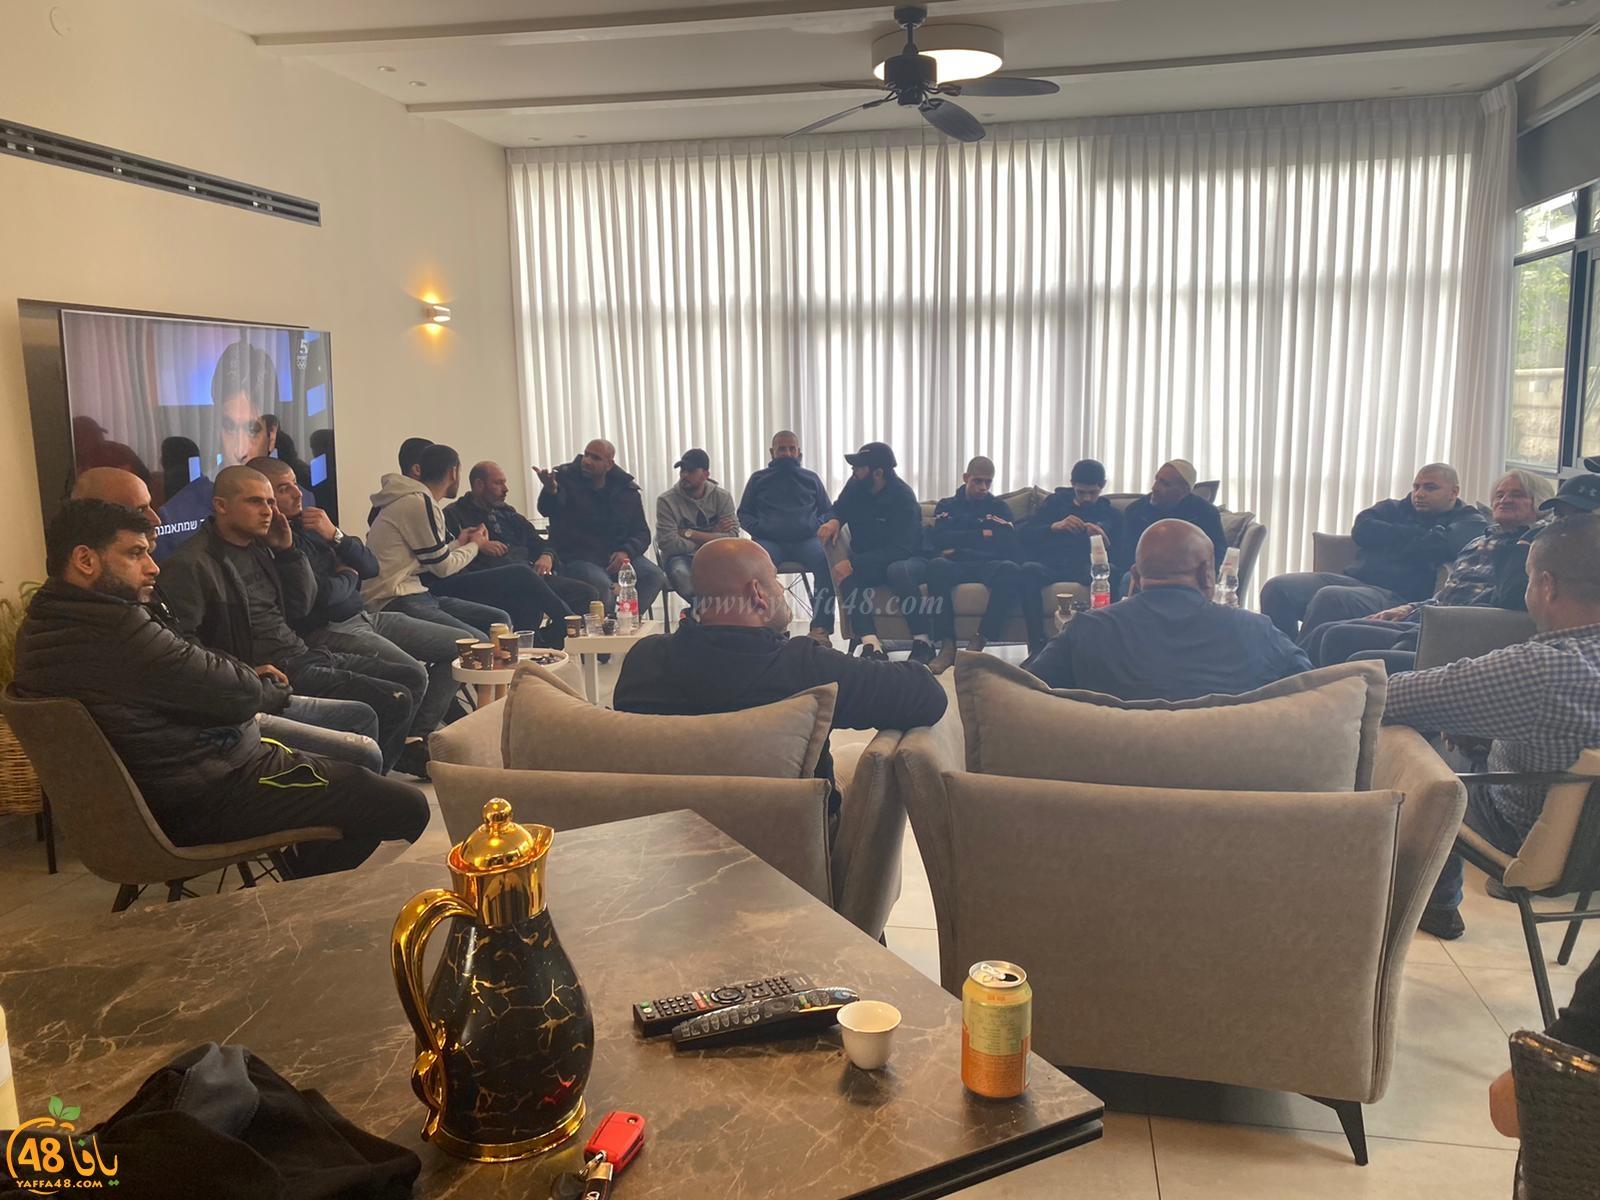 اللّد: عقد راية الصلح بين عائلتي عبد الهادي ودواهدة